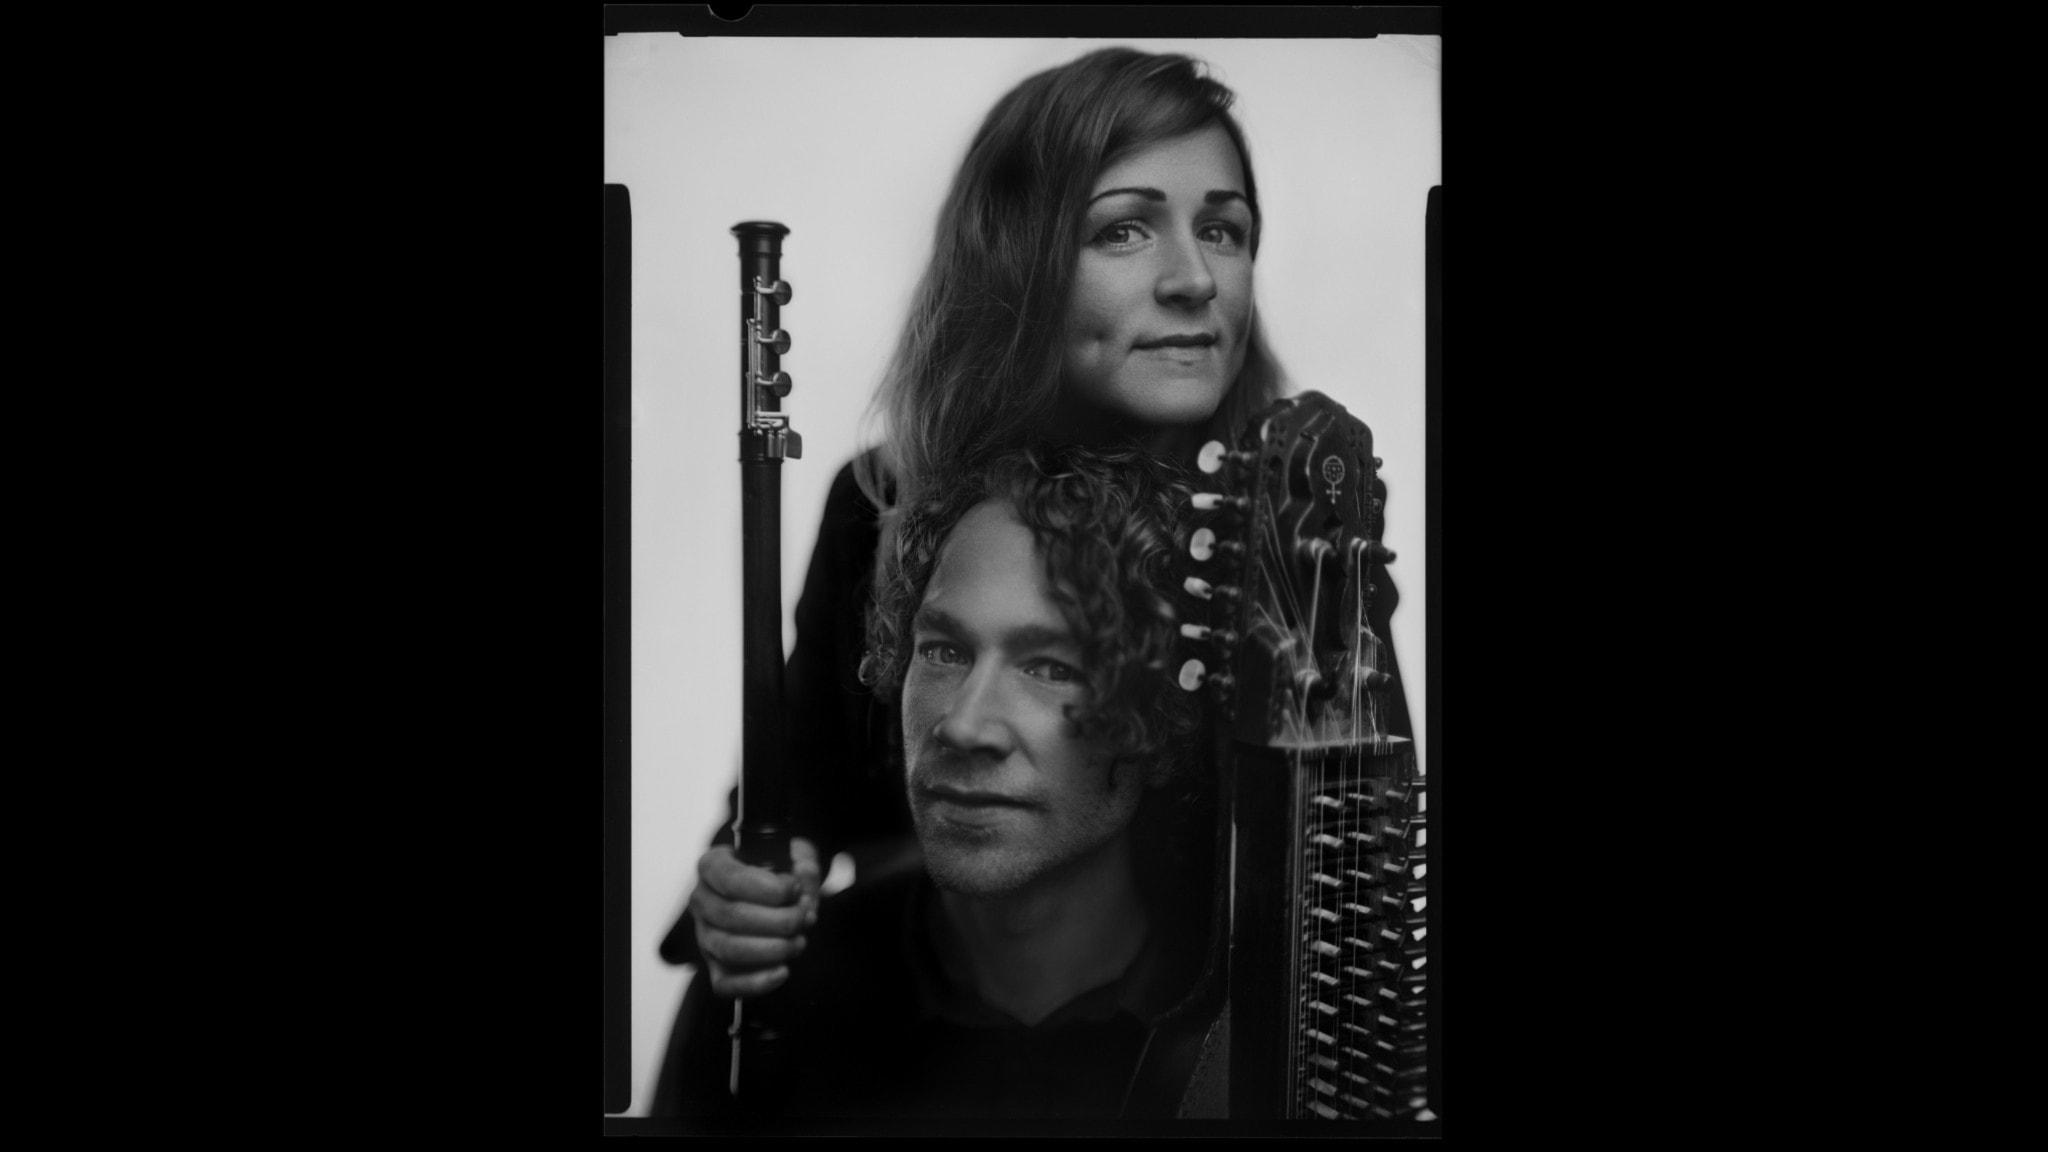 KONSERT: Bach på nyckelharpa med Duo West/Rydvall